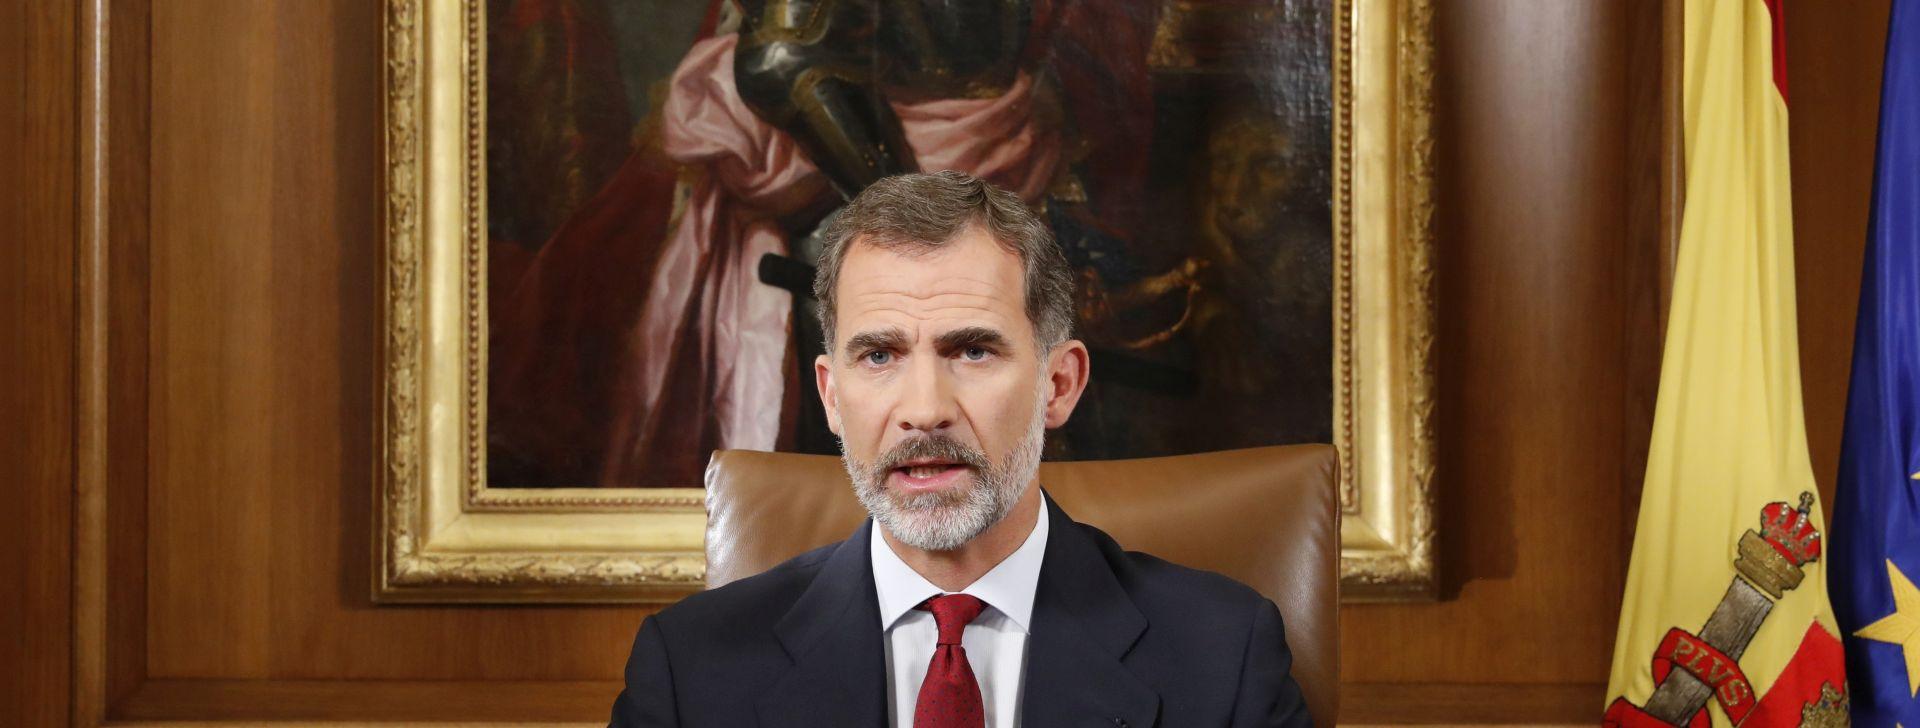 """Španjolski kralj kaže da je Katalonija """"bitan dio Španjolske 21. stoljeća"""""""